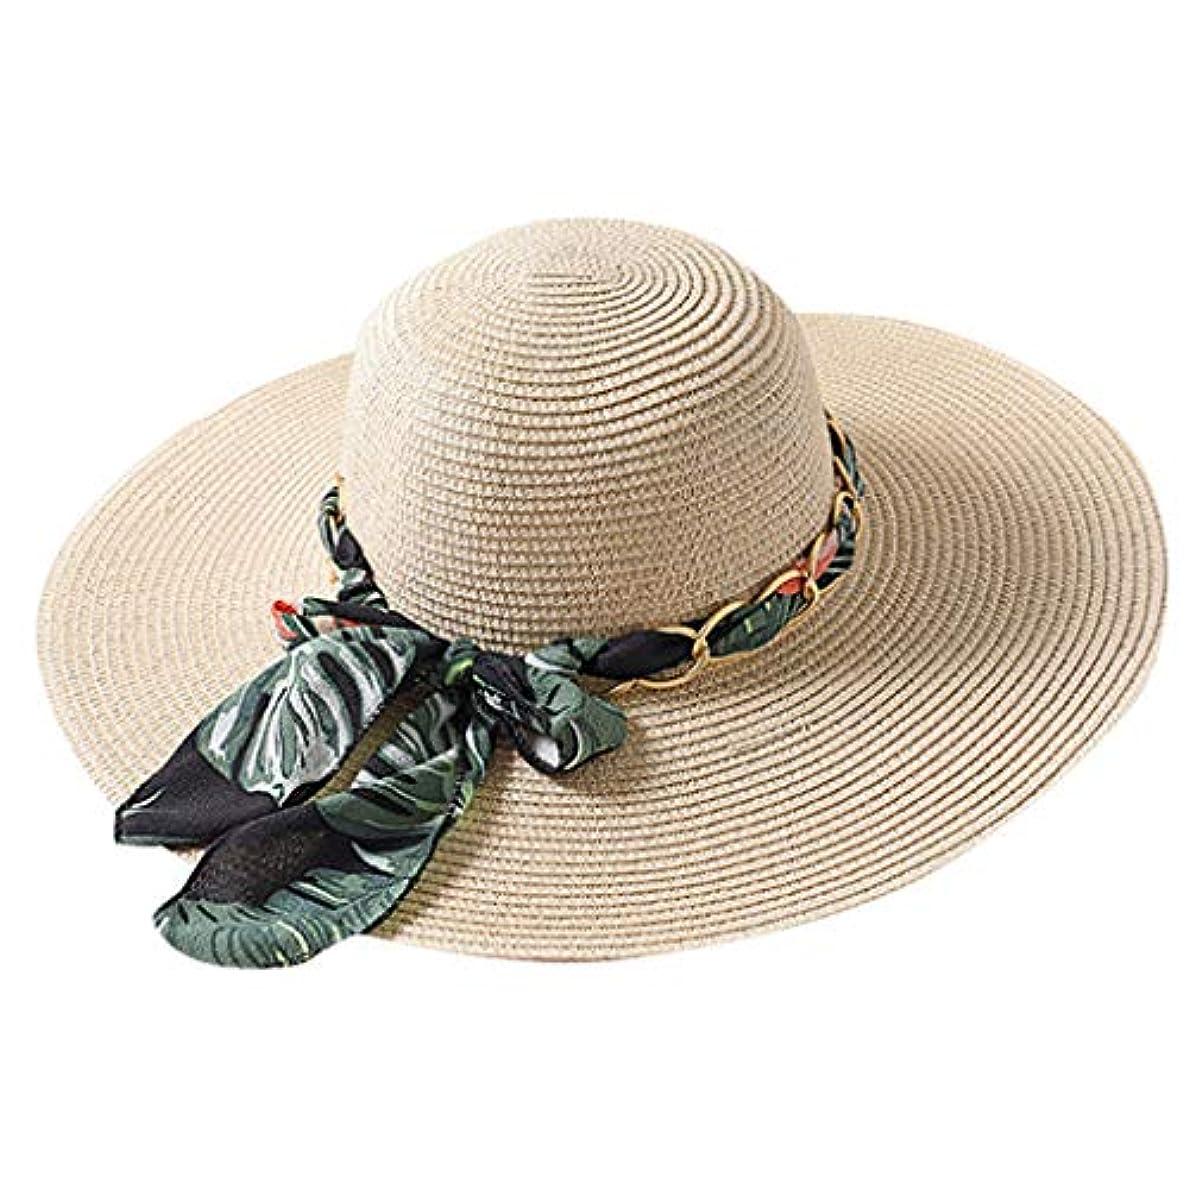 環境アニメーションバーベキューファッション小物 夏 帽子 レディース UVカット 帽子 ハット レディース 紫外線対策 日焼け防止 取り外すあご紐 つば広 おしゃれ 可愛い 夏季 折りたたみ サイズ調節可 旅行 女優帽 小顔効果抜群 ROSE ROMAN